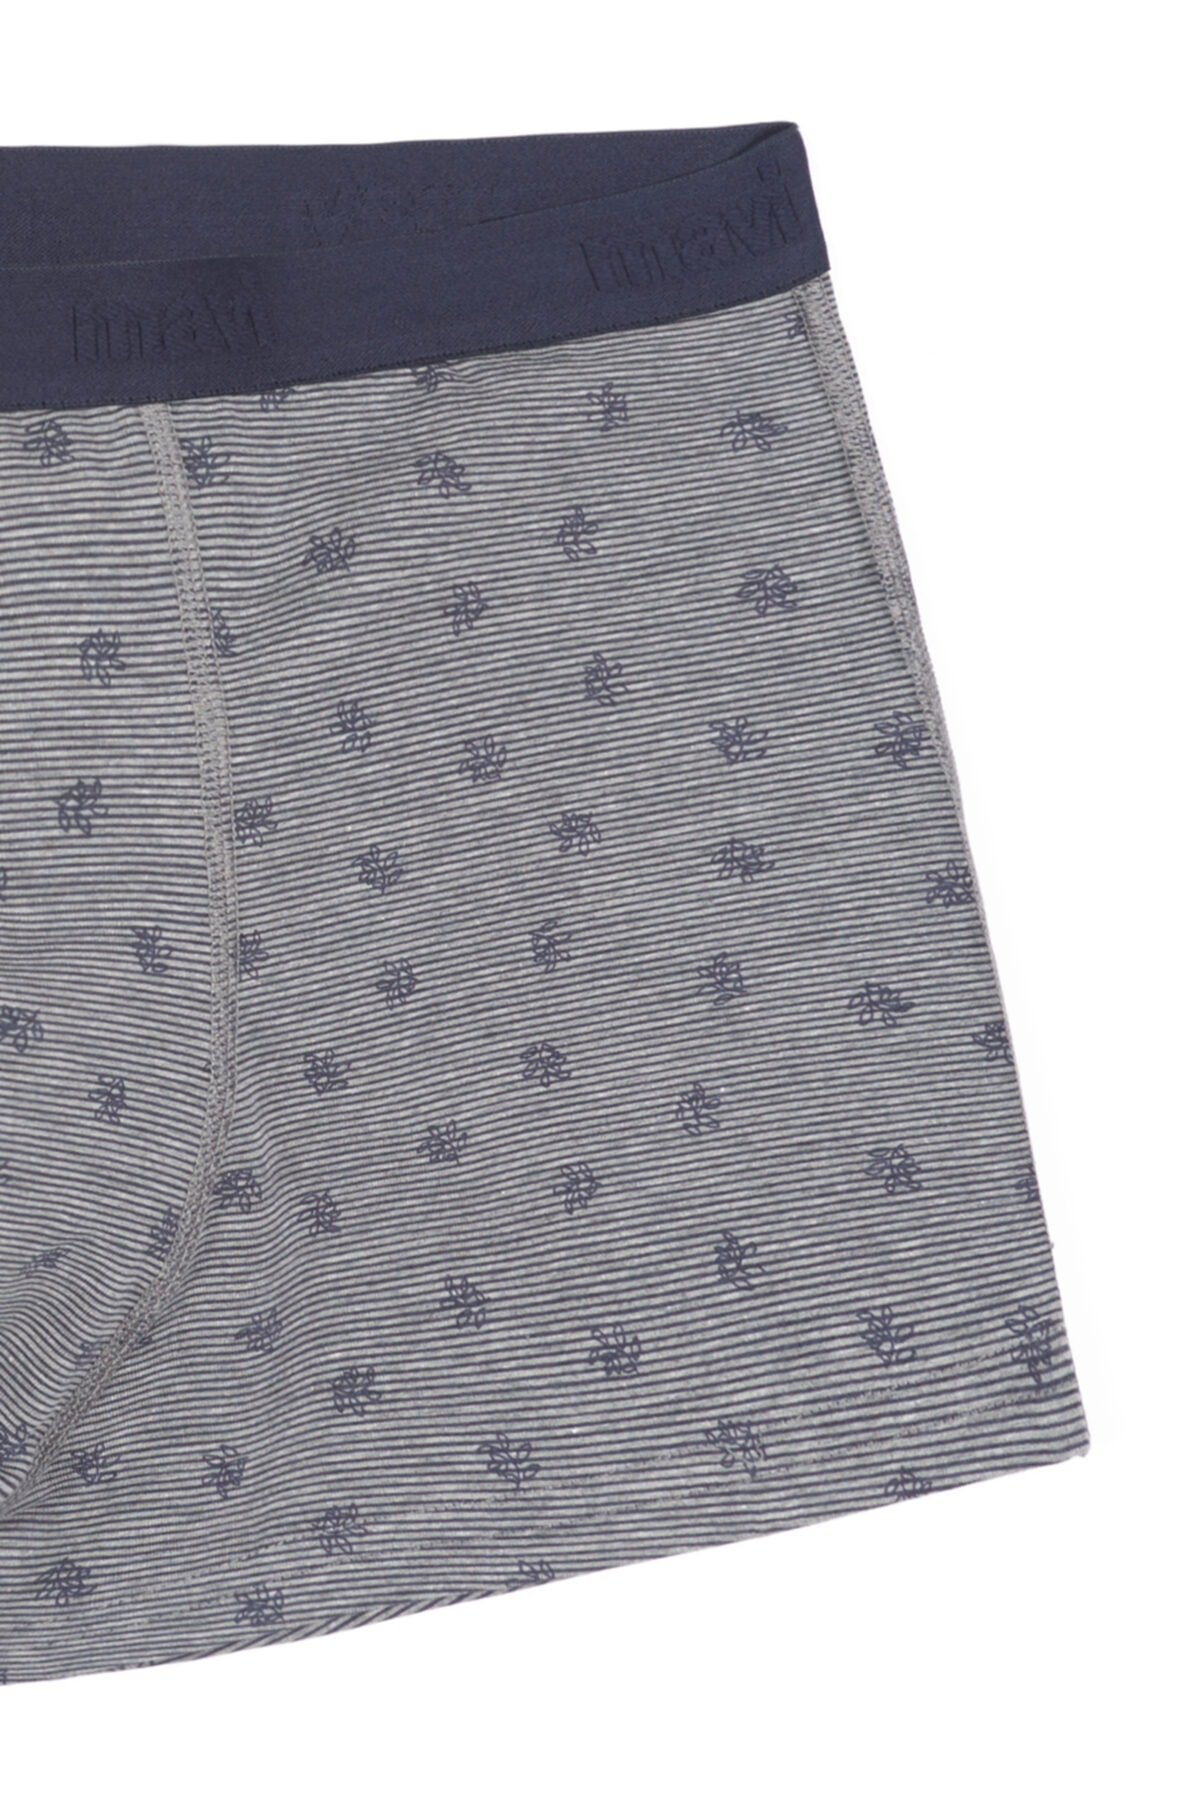 Mavi Erkek Gri Çiçek Desenli Boxer 092077-30710 2